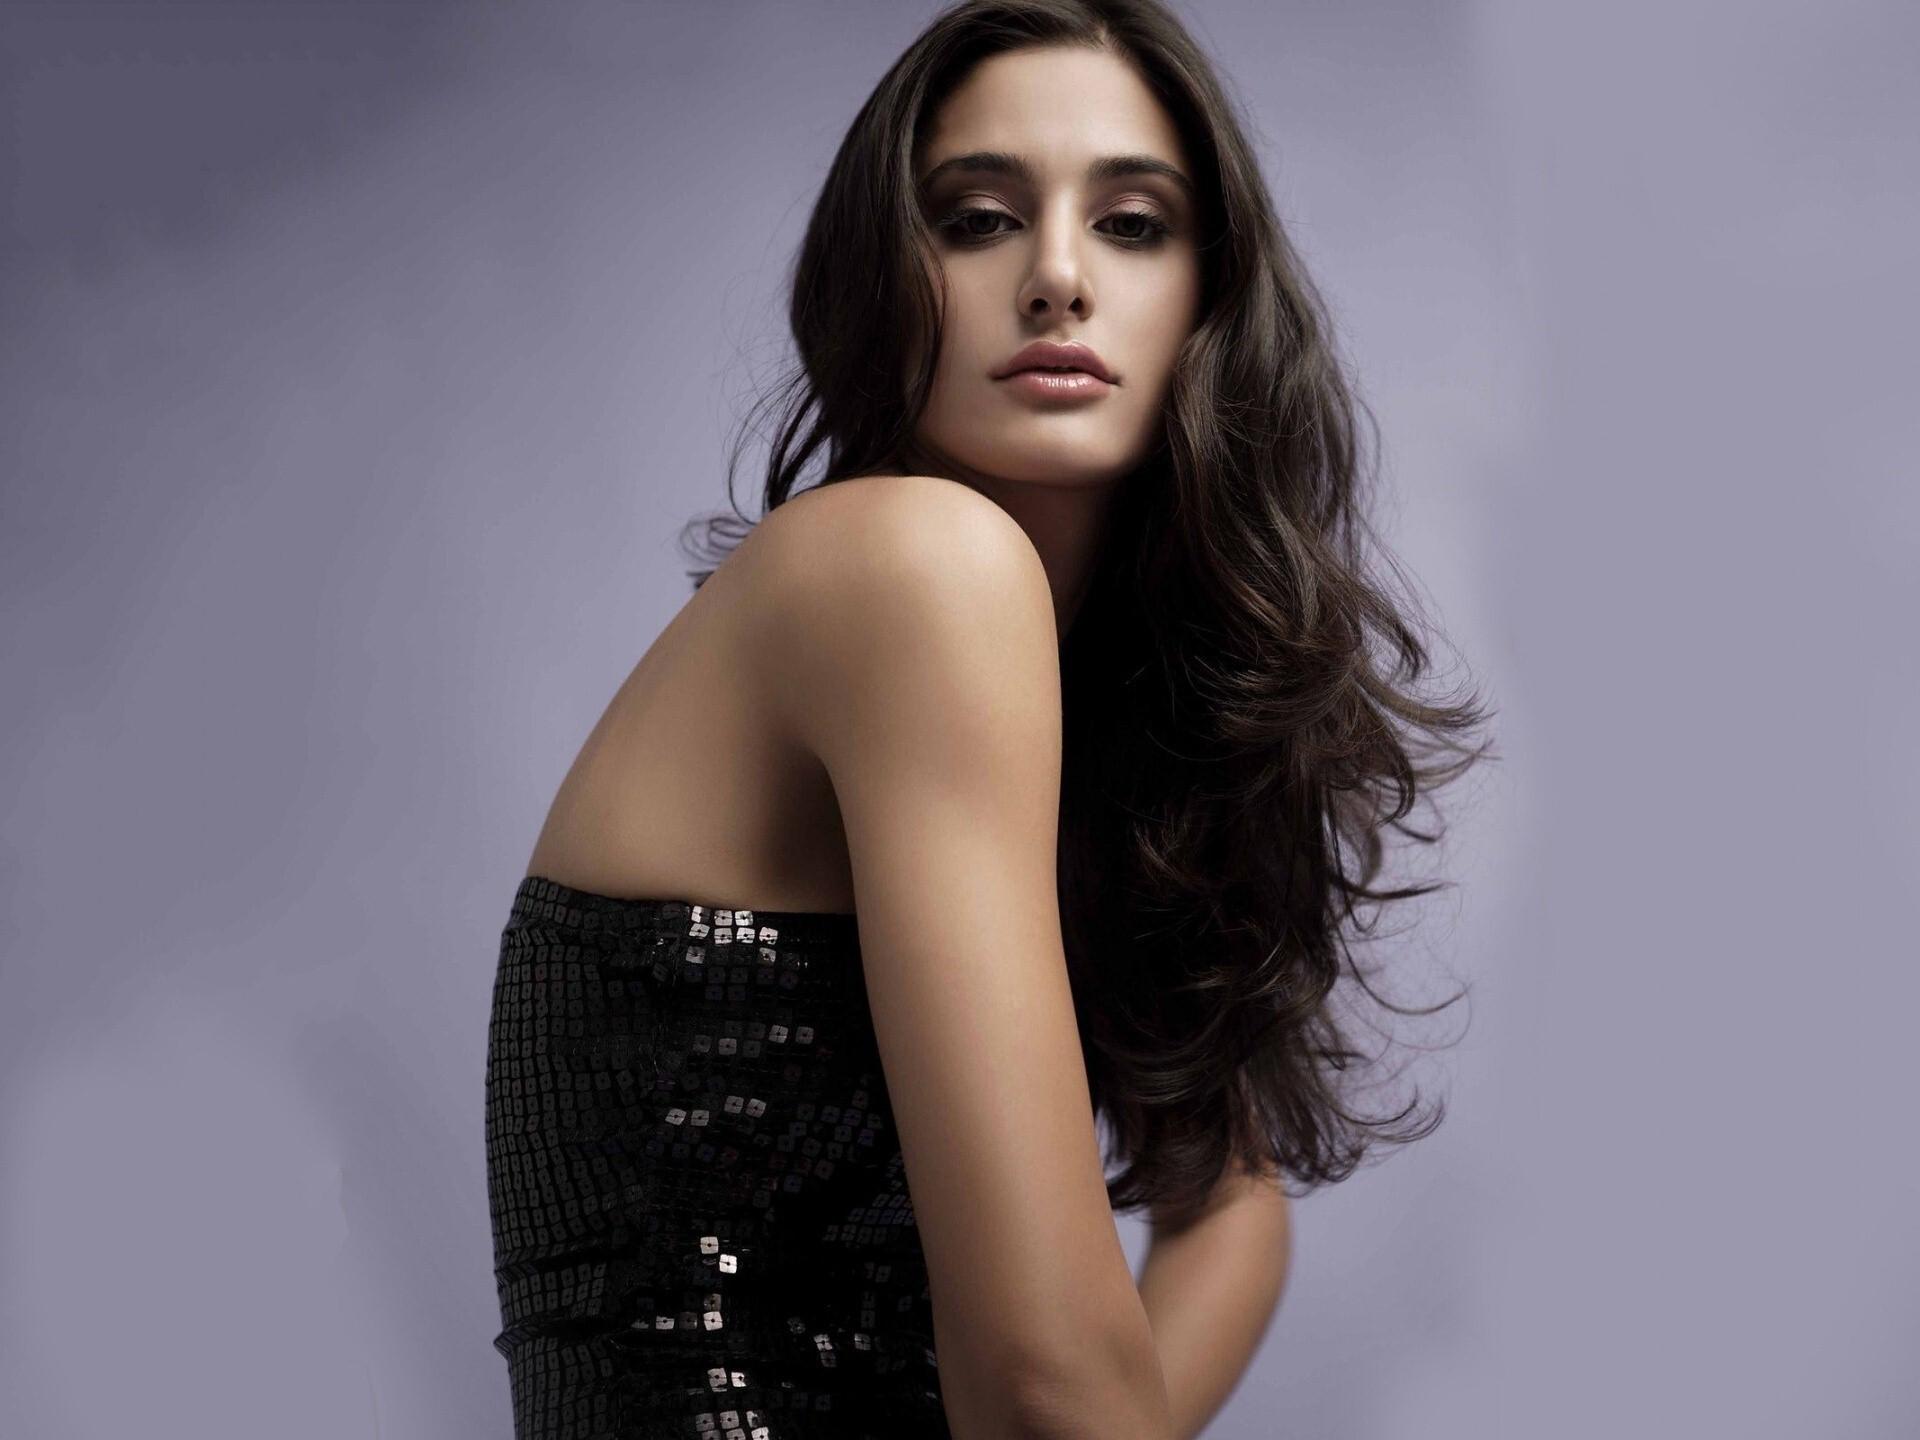 Celebrities Hd Wallpaper Download Nargis Fakhri Hd: Cute Nargis Fakhri In Black Dress